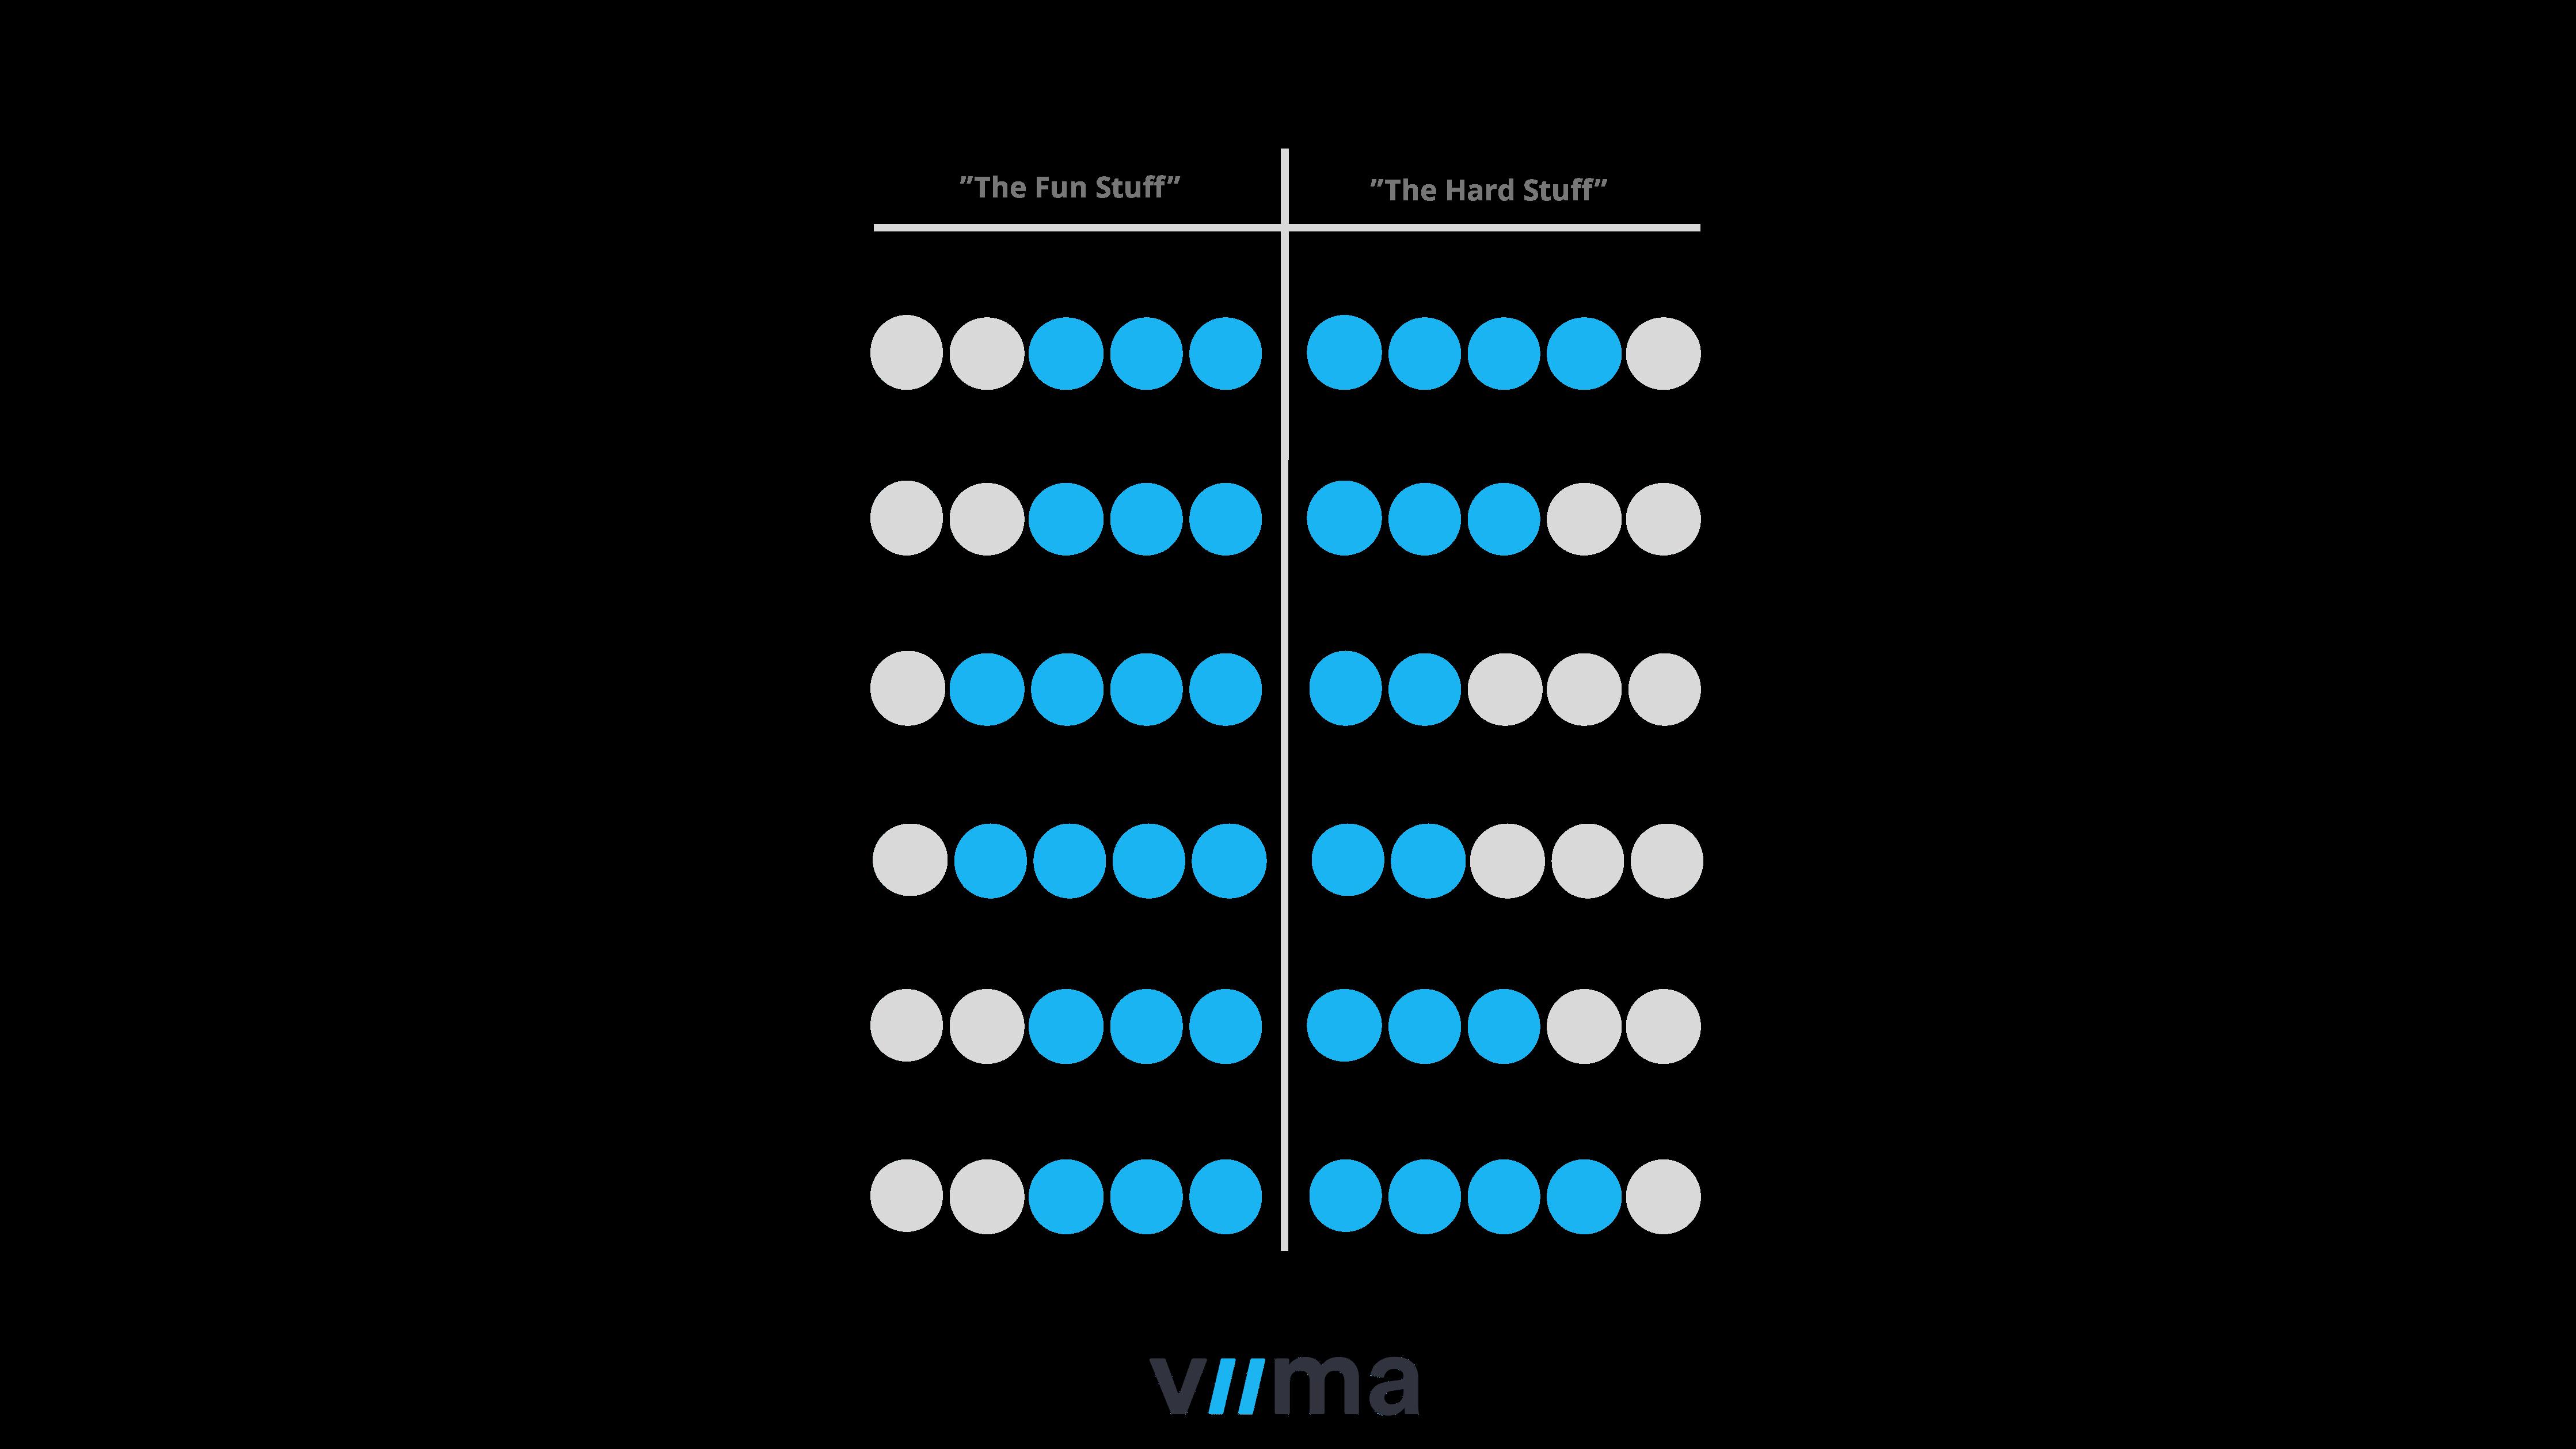 Viima innovation culture scorecard